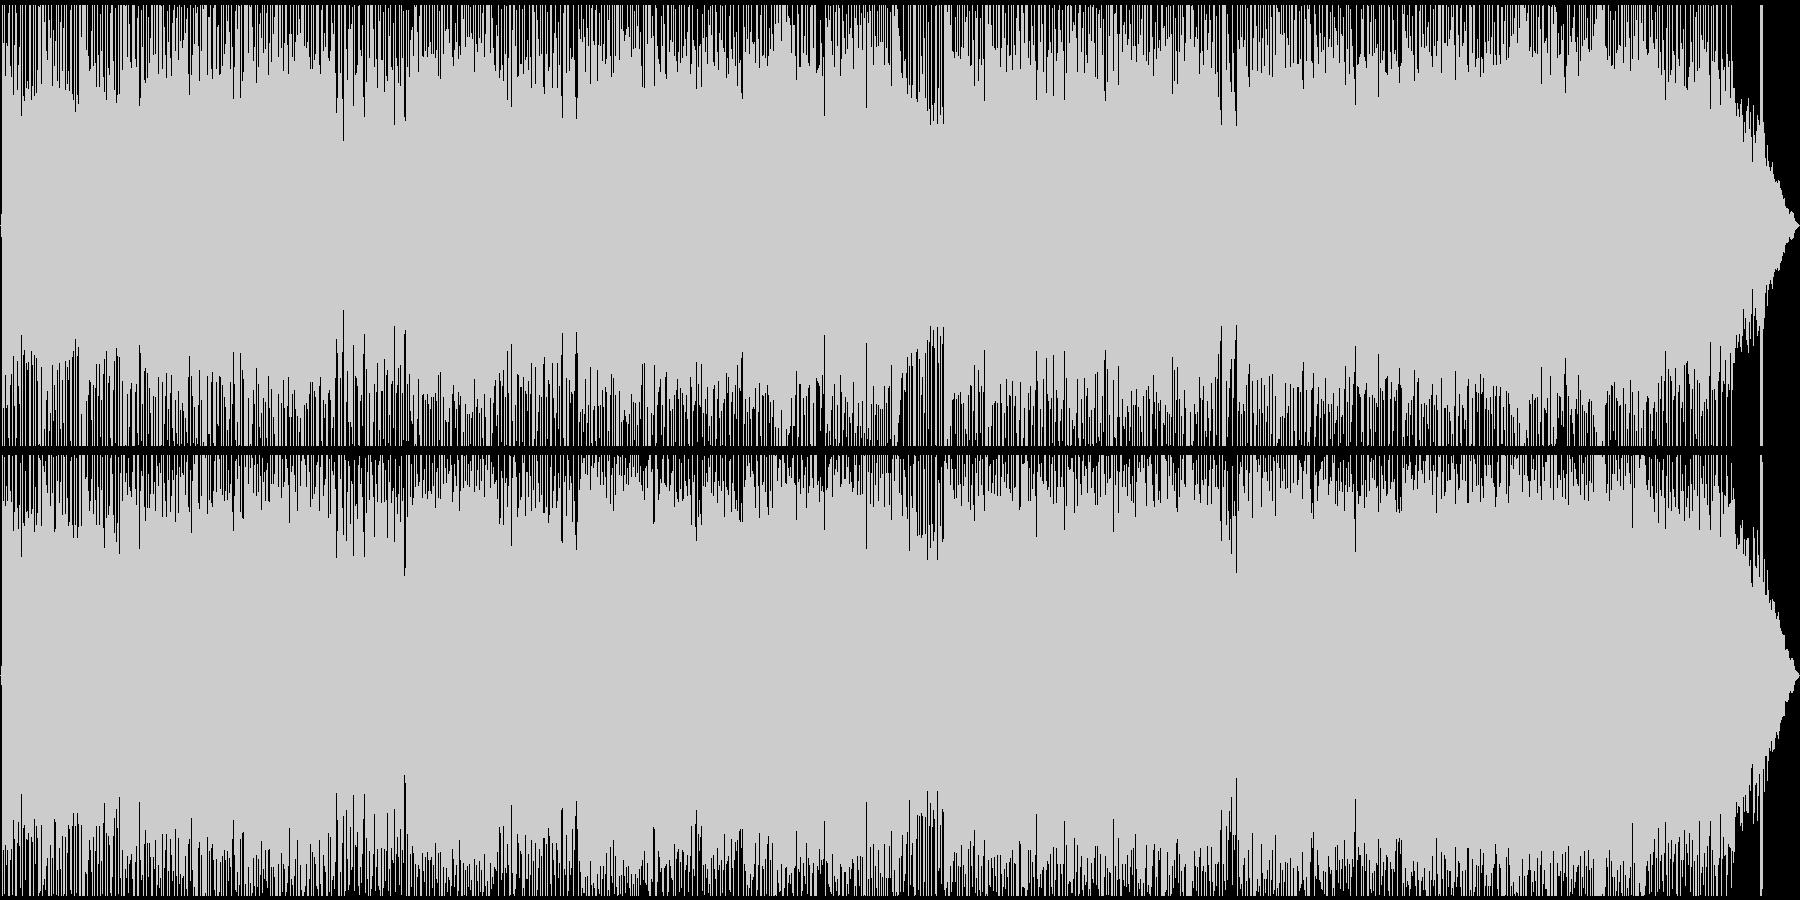 エネルギッシュで活動的なロックBGMの未再生の波形